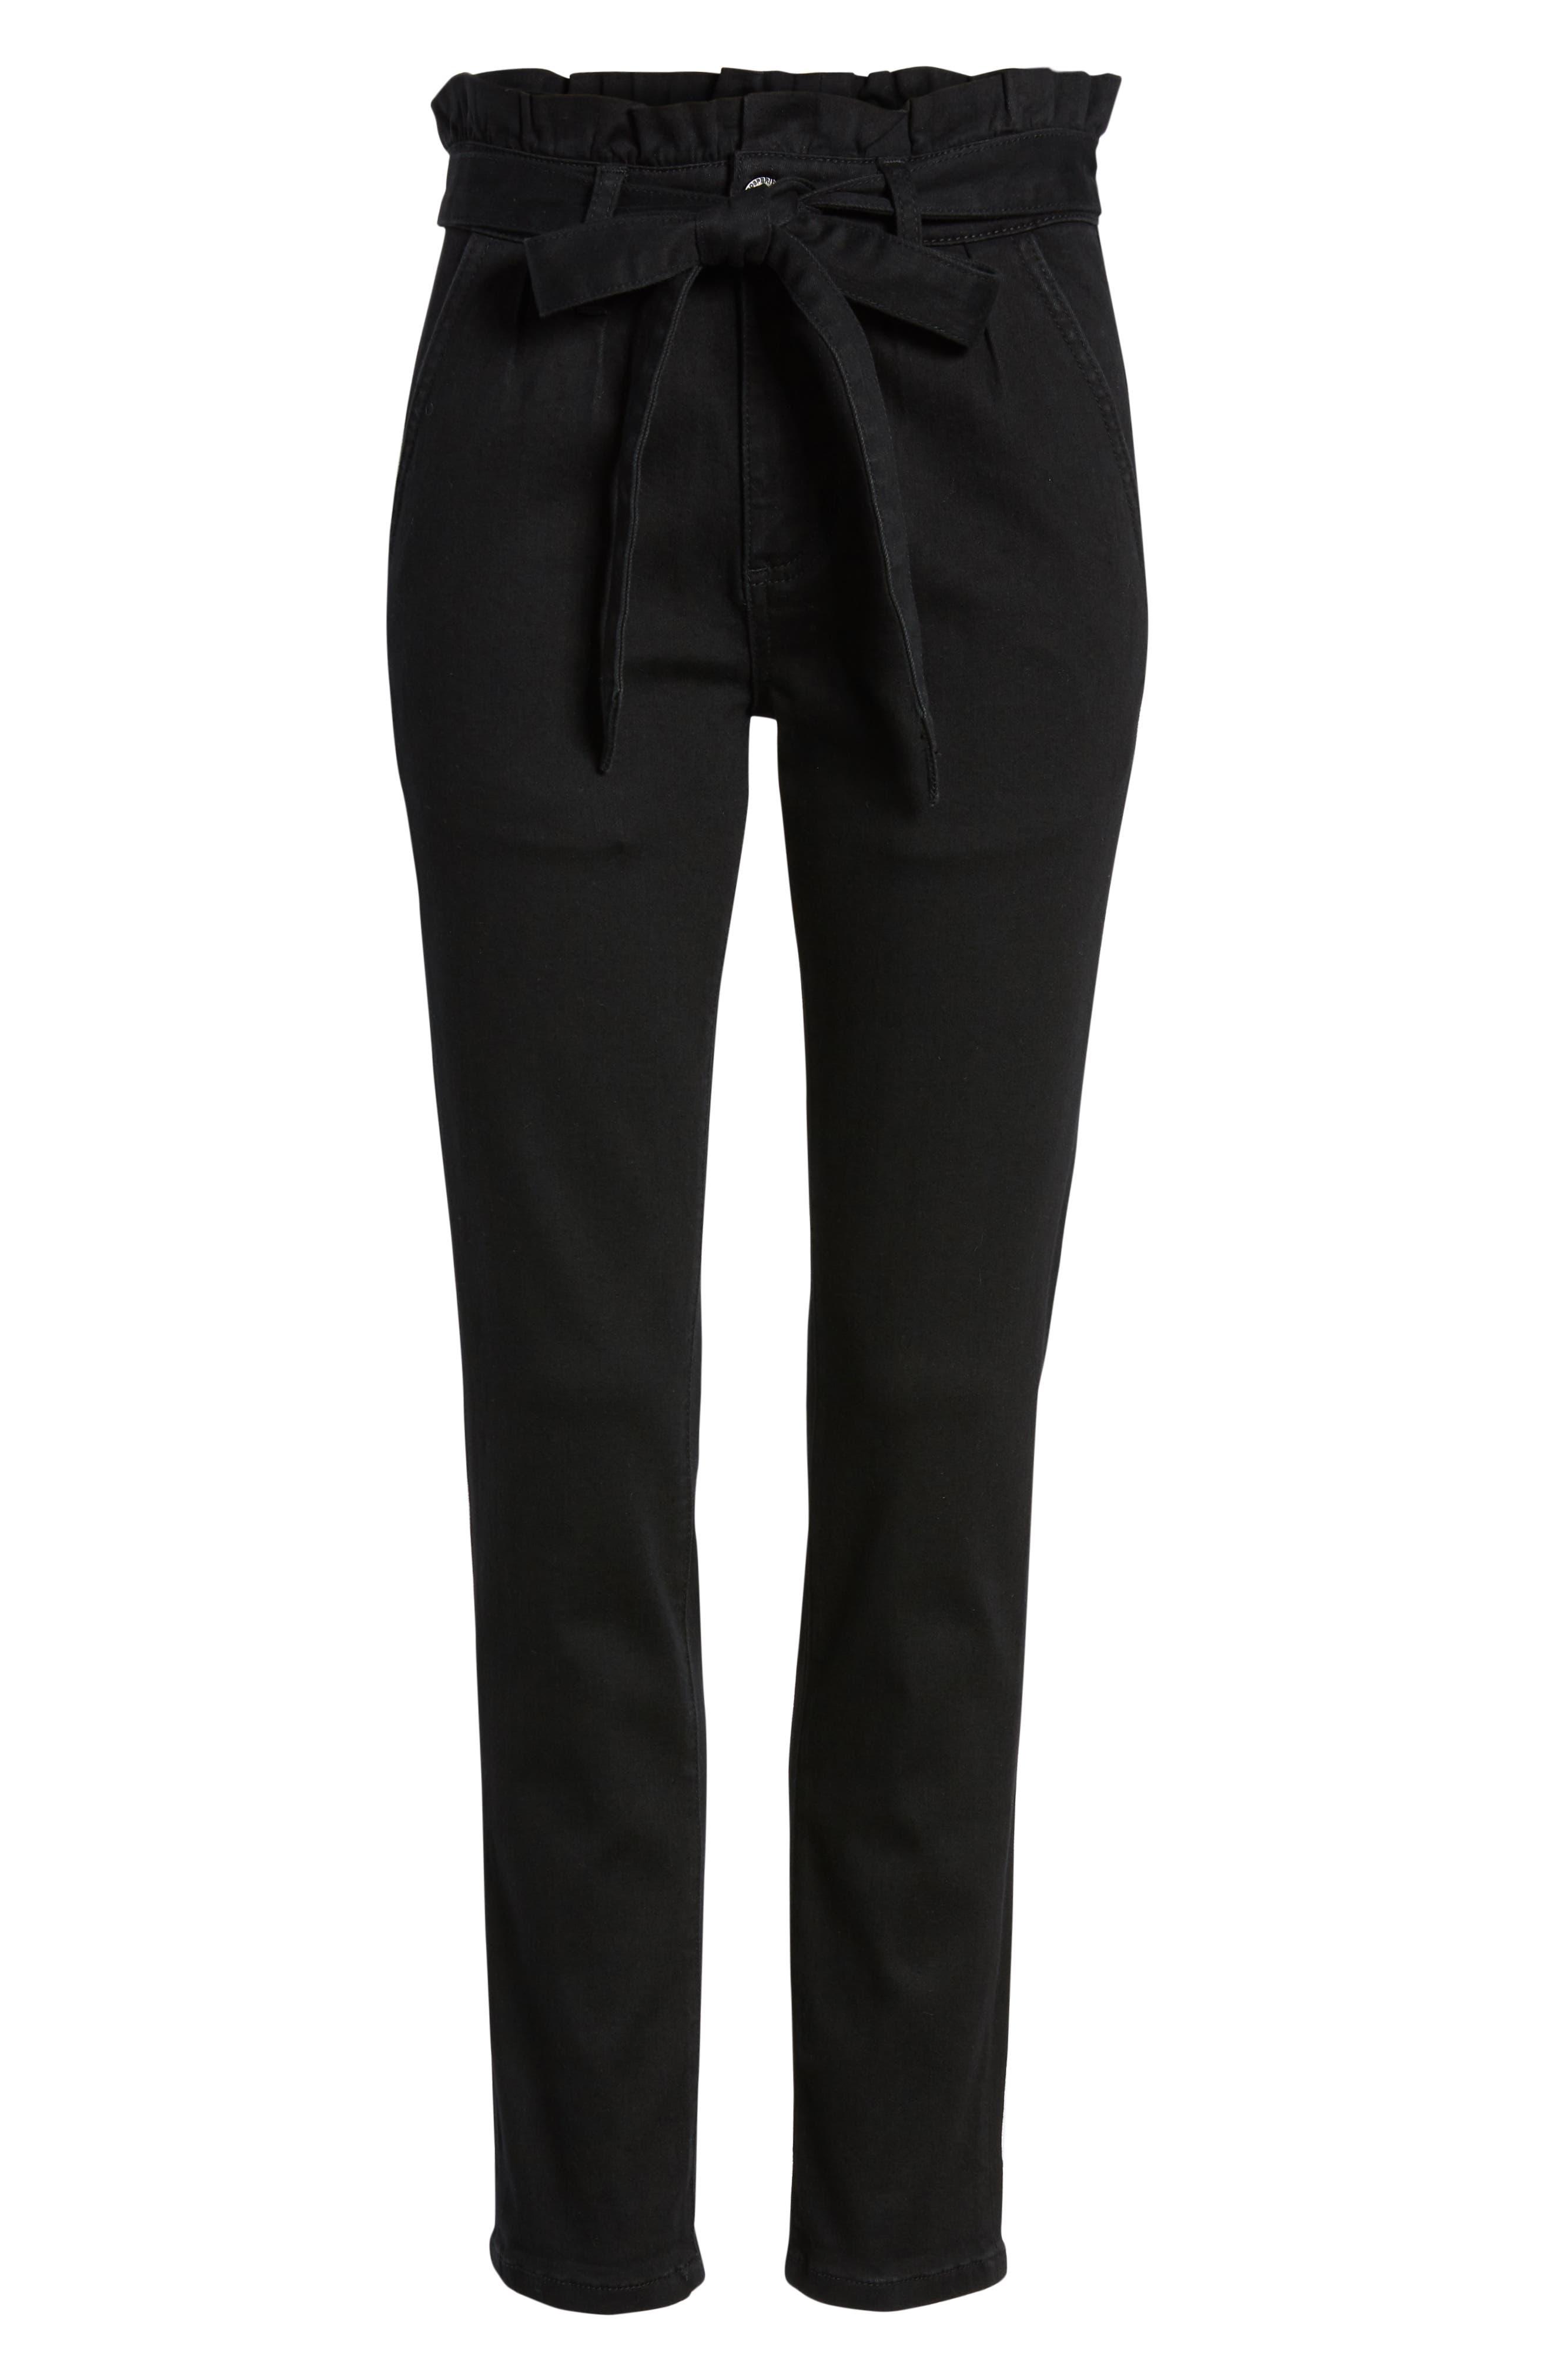 PROSPERITY DENIM, Paperbag Waist Skinny Jeans, Alternate thumbnail 7, color, BLACK